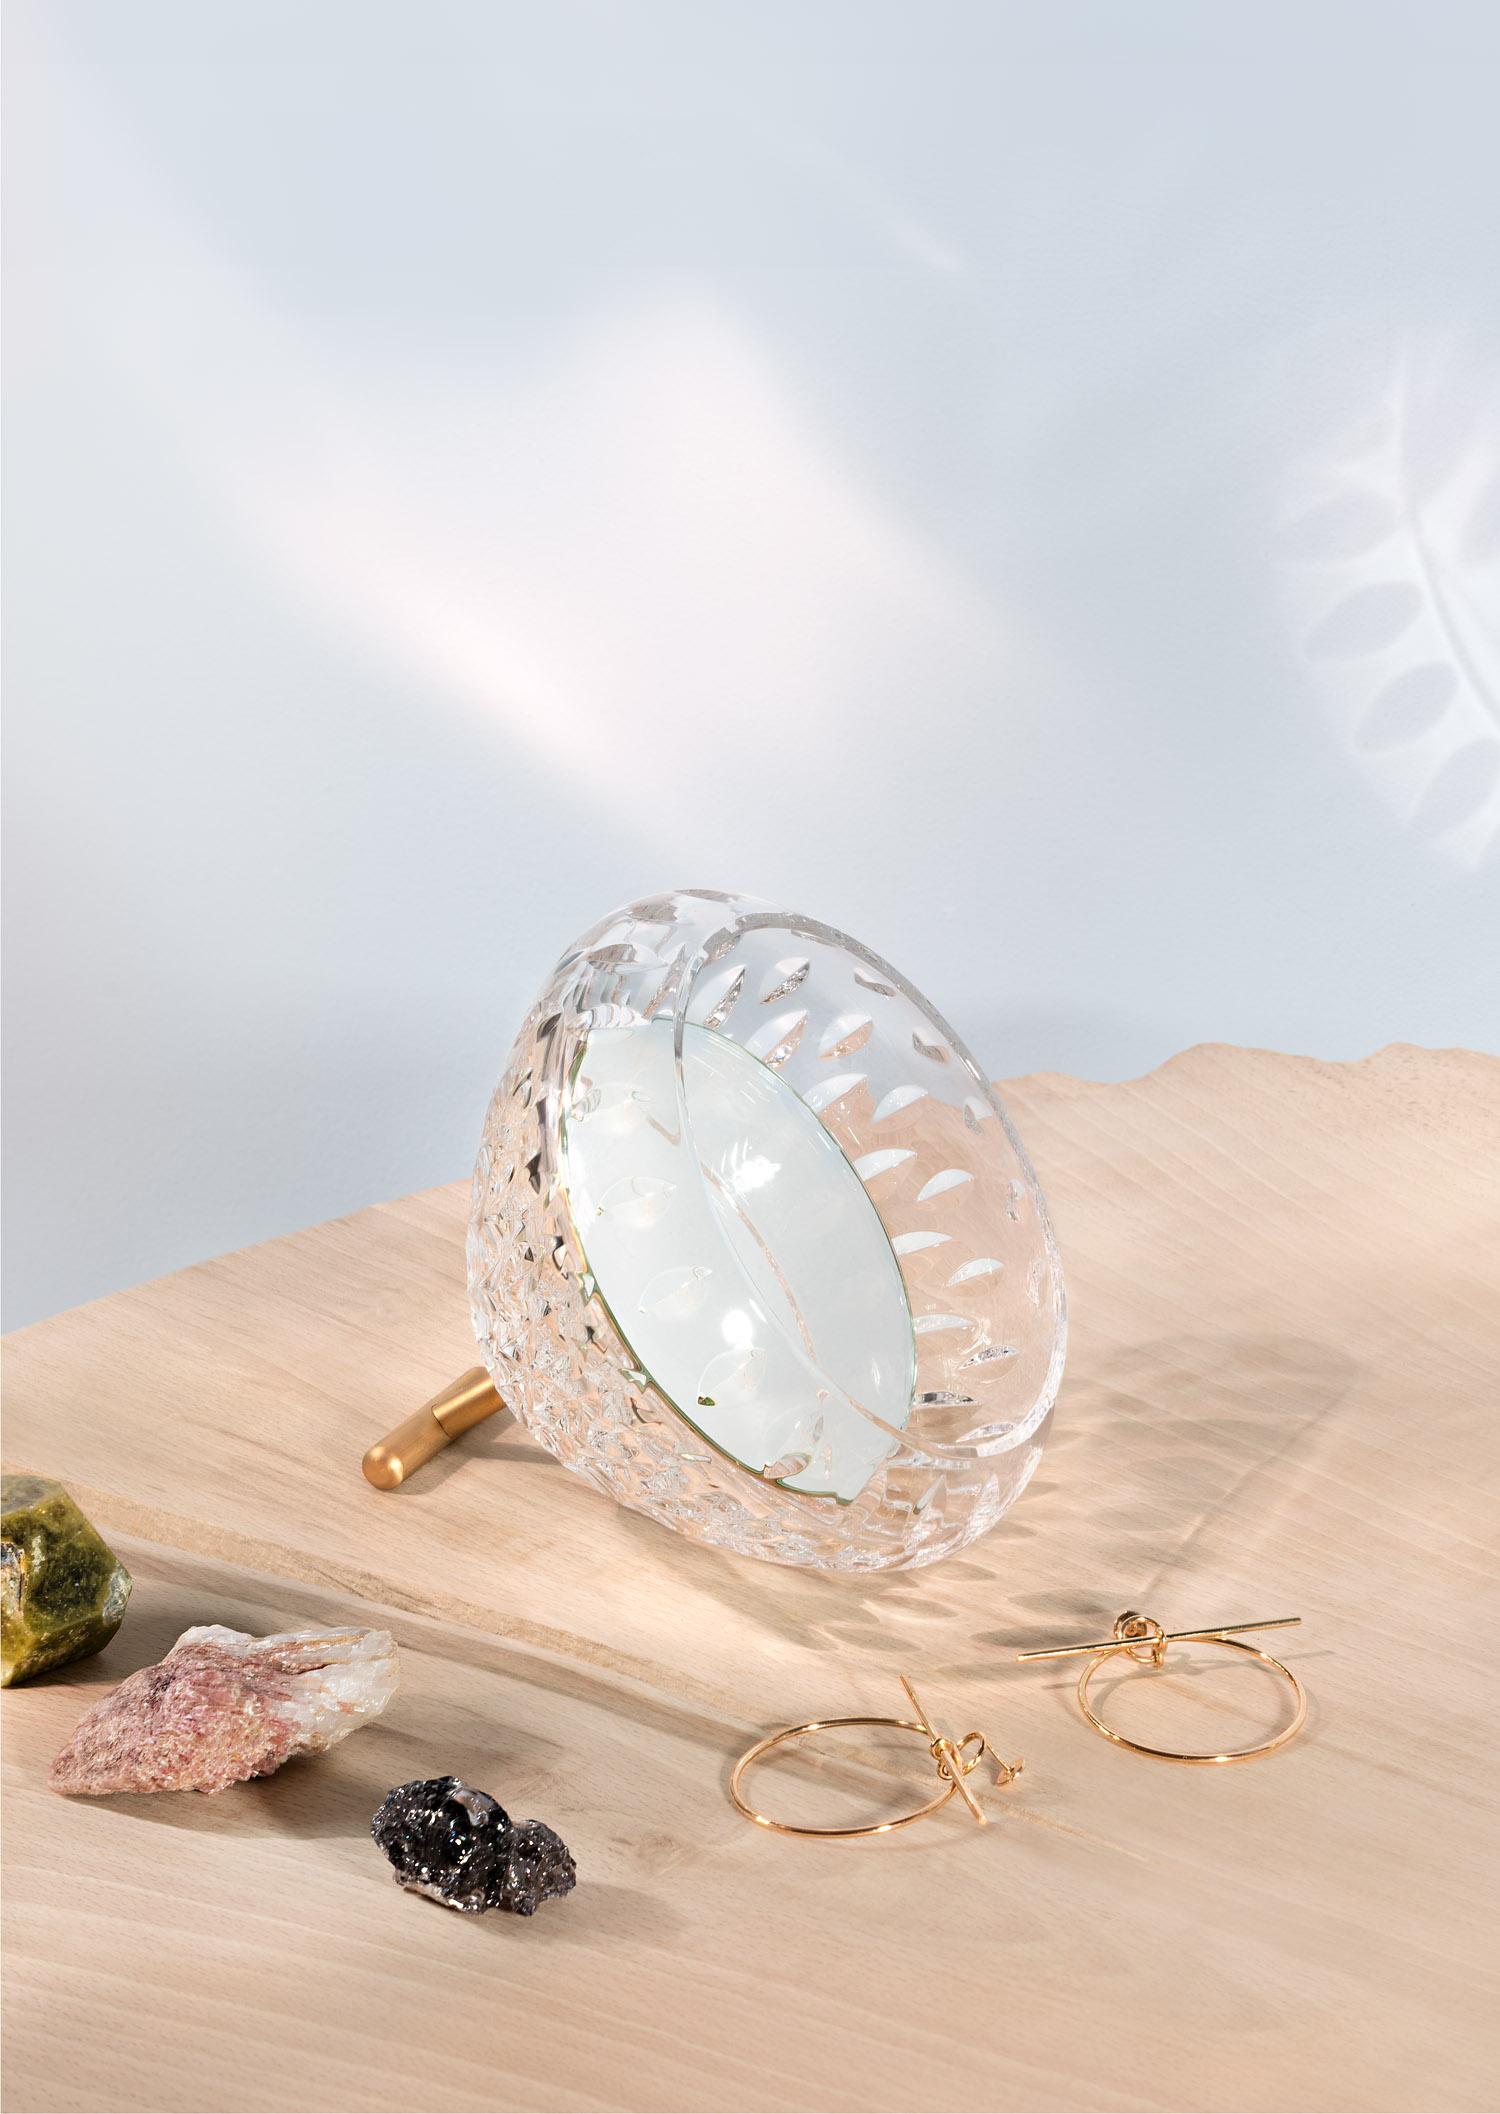 toomanypictures-rosenmunthe-duchaufour-lawrence-saint-louis-cristal3